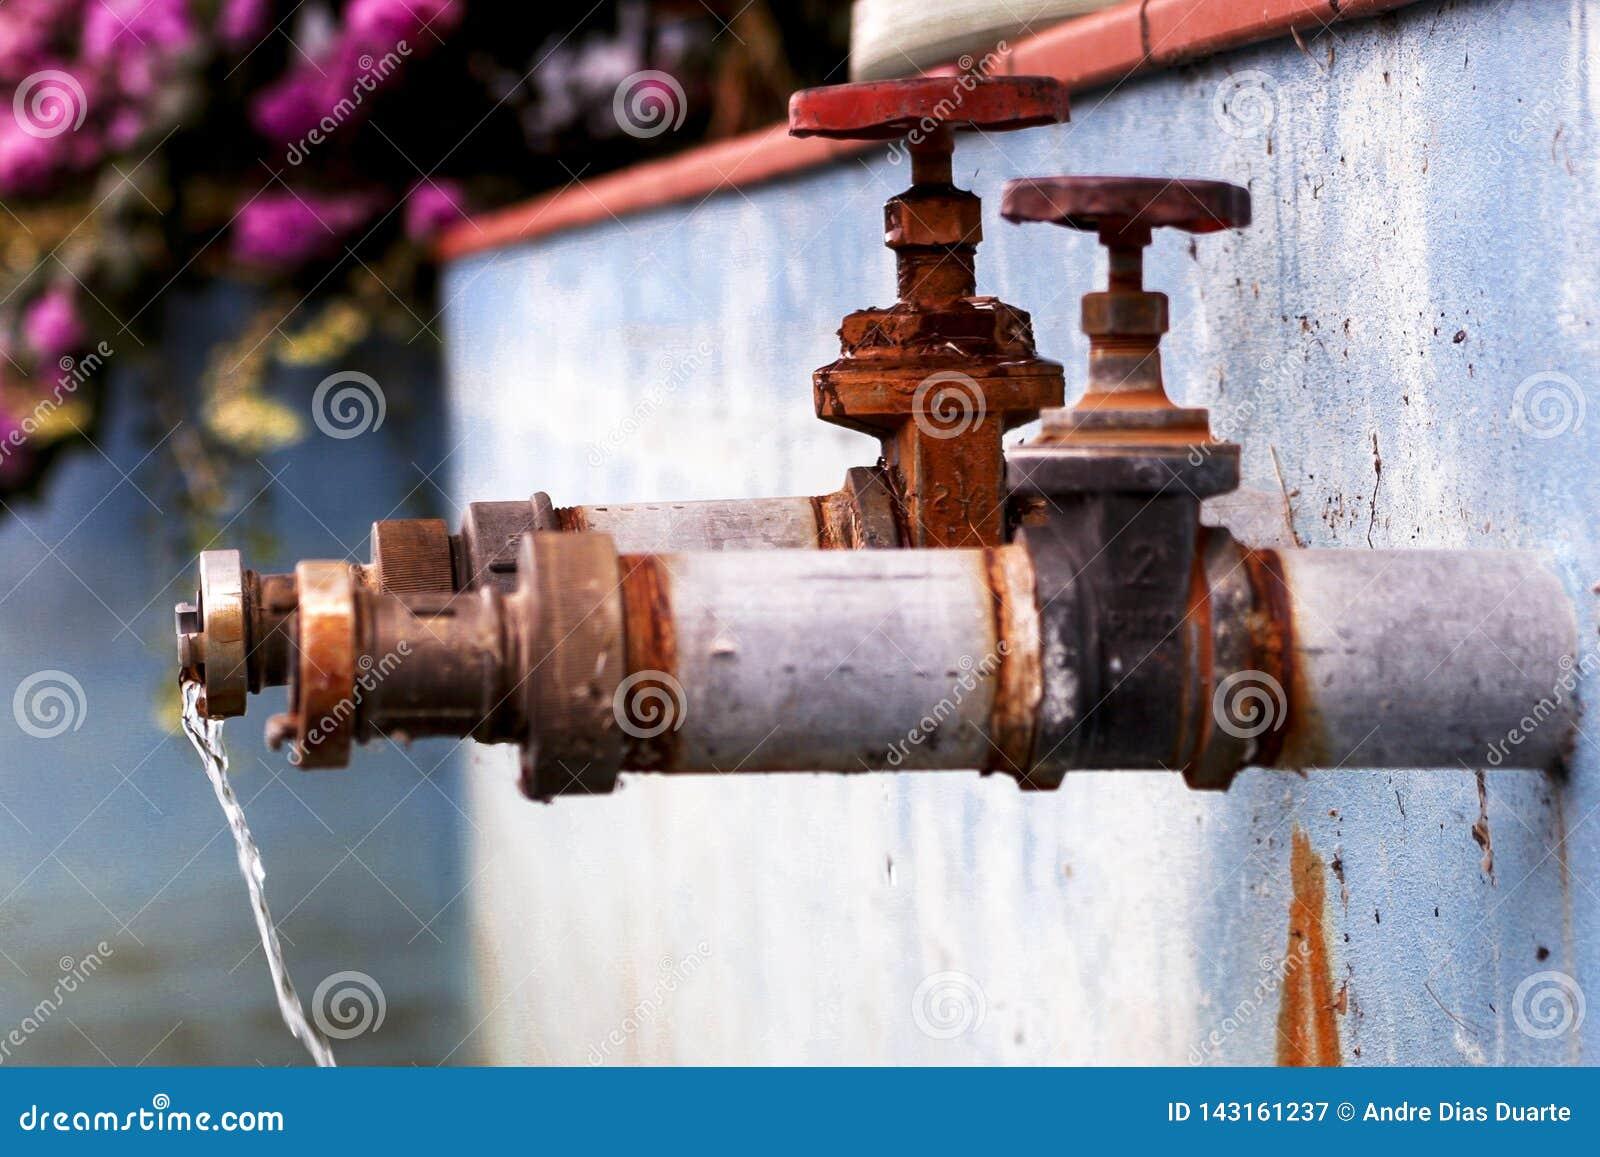 Deux robinets avec le fonctionnement de l eau